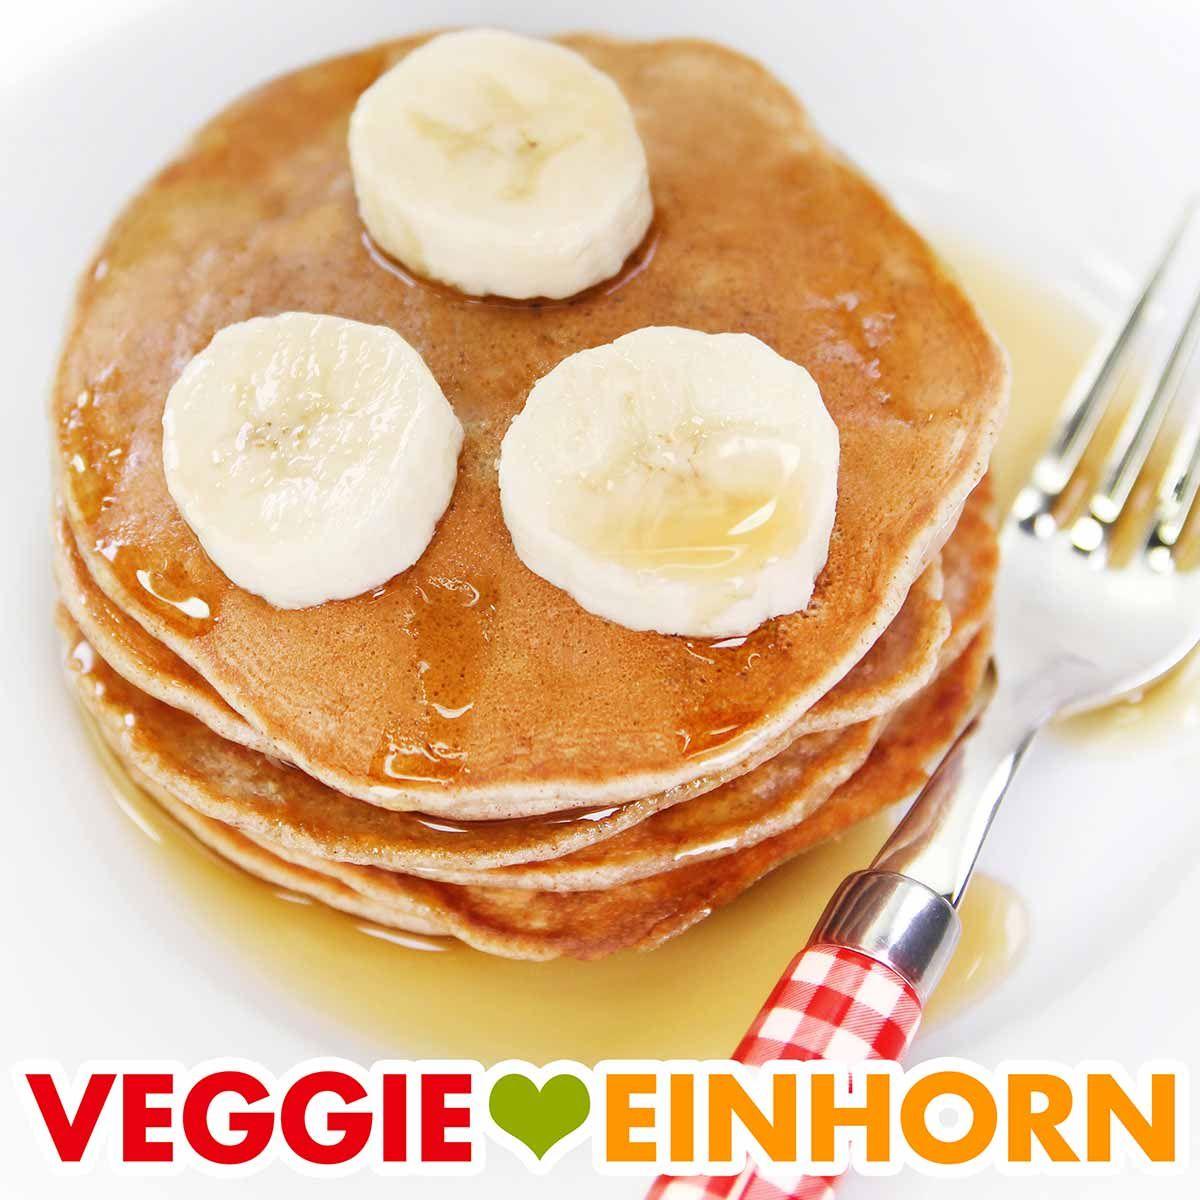 Probier diese fluffigen veganen Bananen Pfannkuchen ohne Ei. Das Rezept für Bananenpancakes ist sehr einfach und schnell und auch bei Kindern sehr beliebt. Die Pancakes sind mit Mehl (ohne Haferflocken). Die Pfannkuchen gelingen mit Dinkel oder Weizenmehl. Jetzt Bananenpfannkuchen zum Frühstück machen. Eine leckere vegane Frühstücksidee! #VeggieEinhorn #bananen #pancakes #pfannkuchen #vegan #ohneei